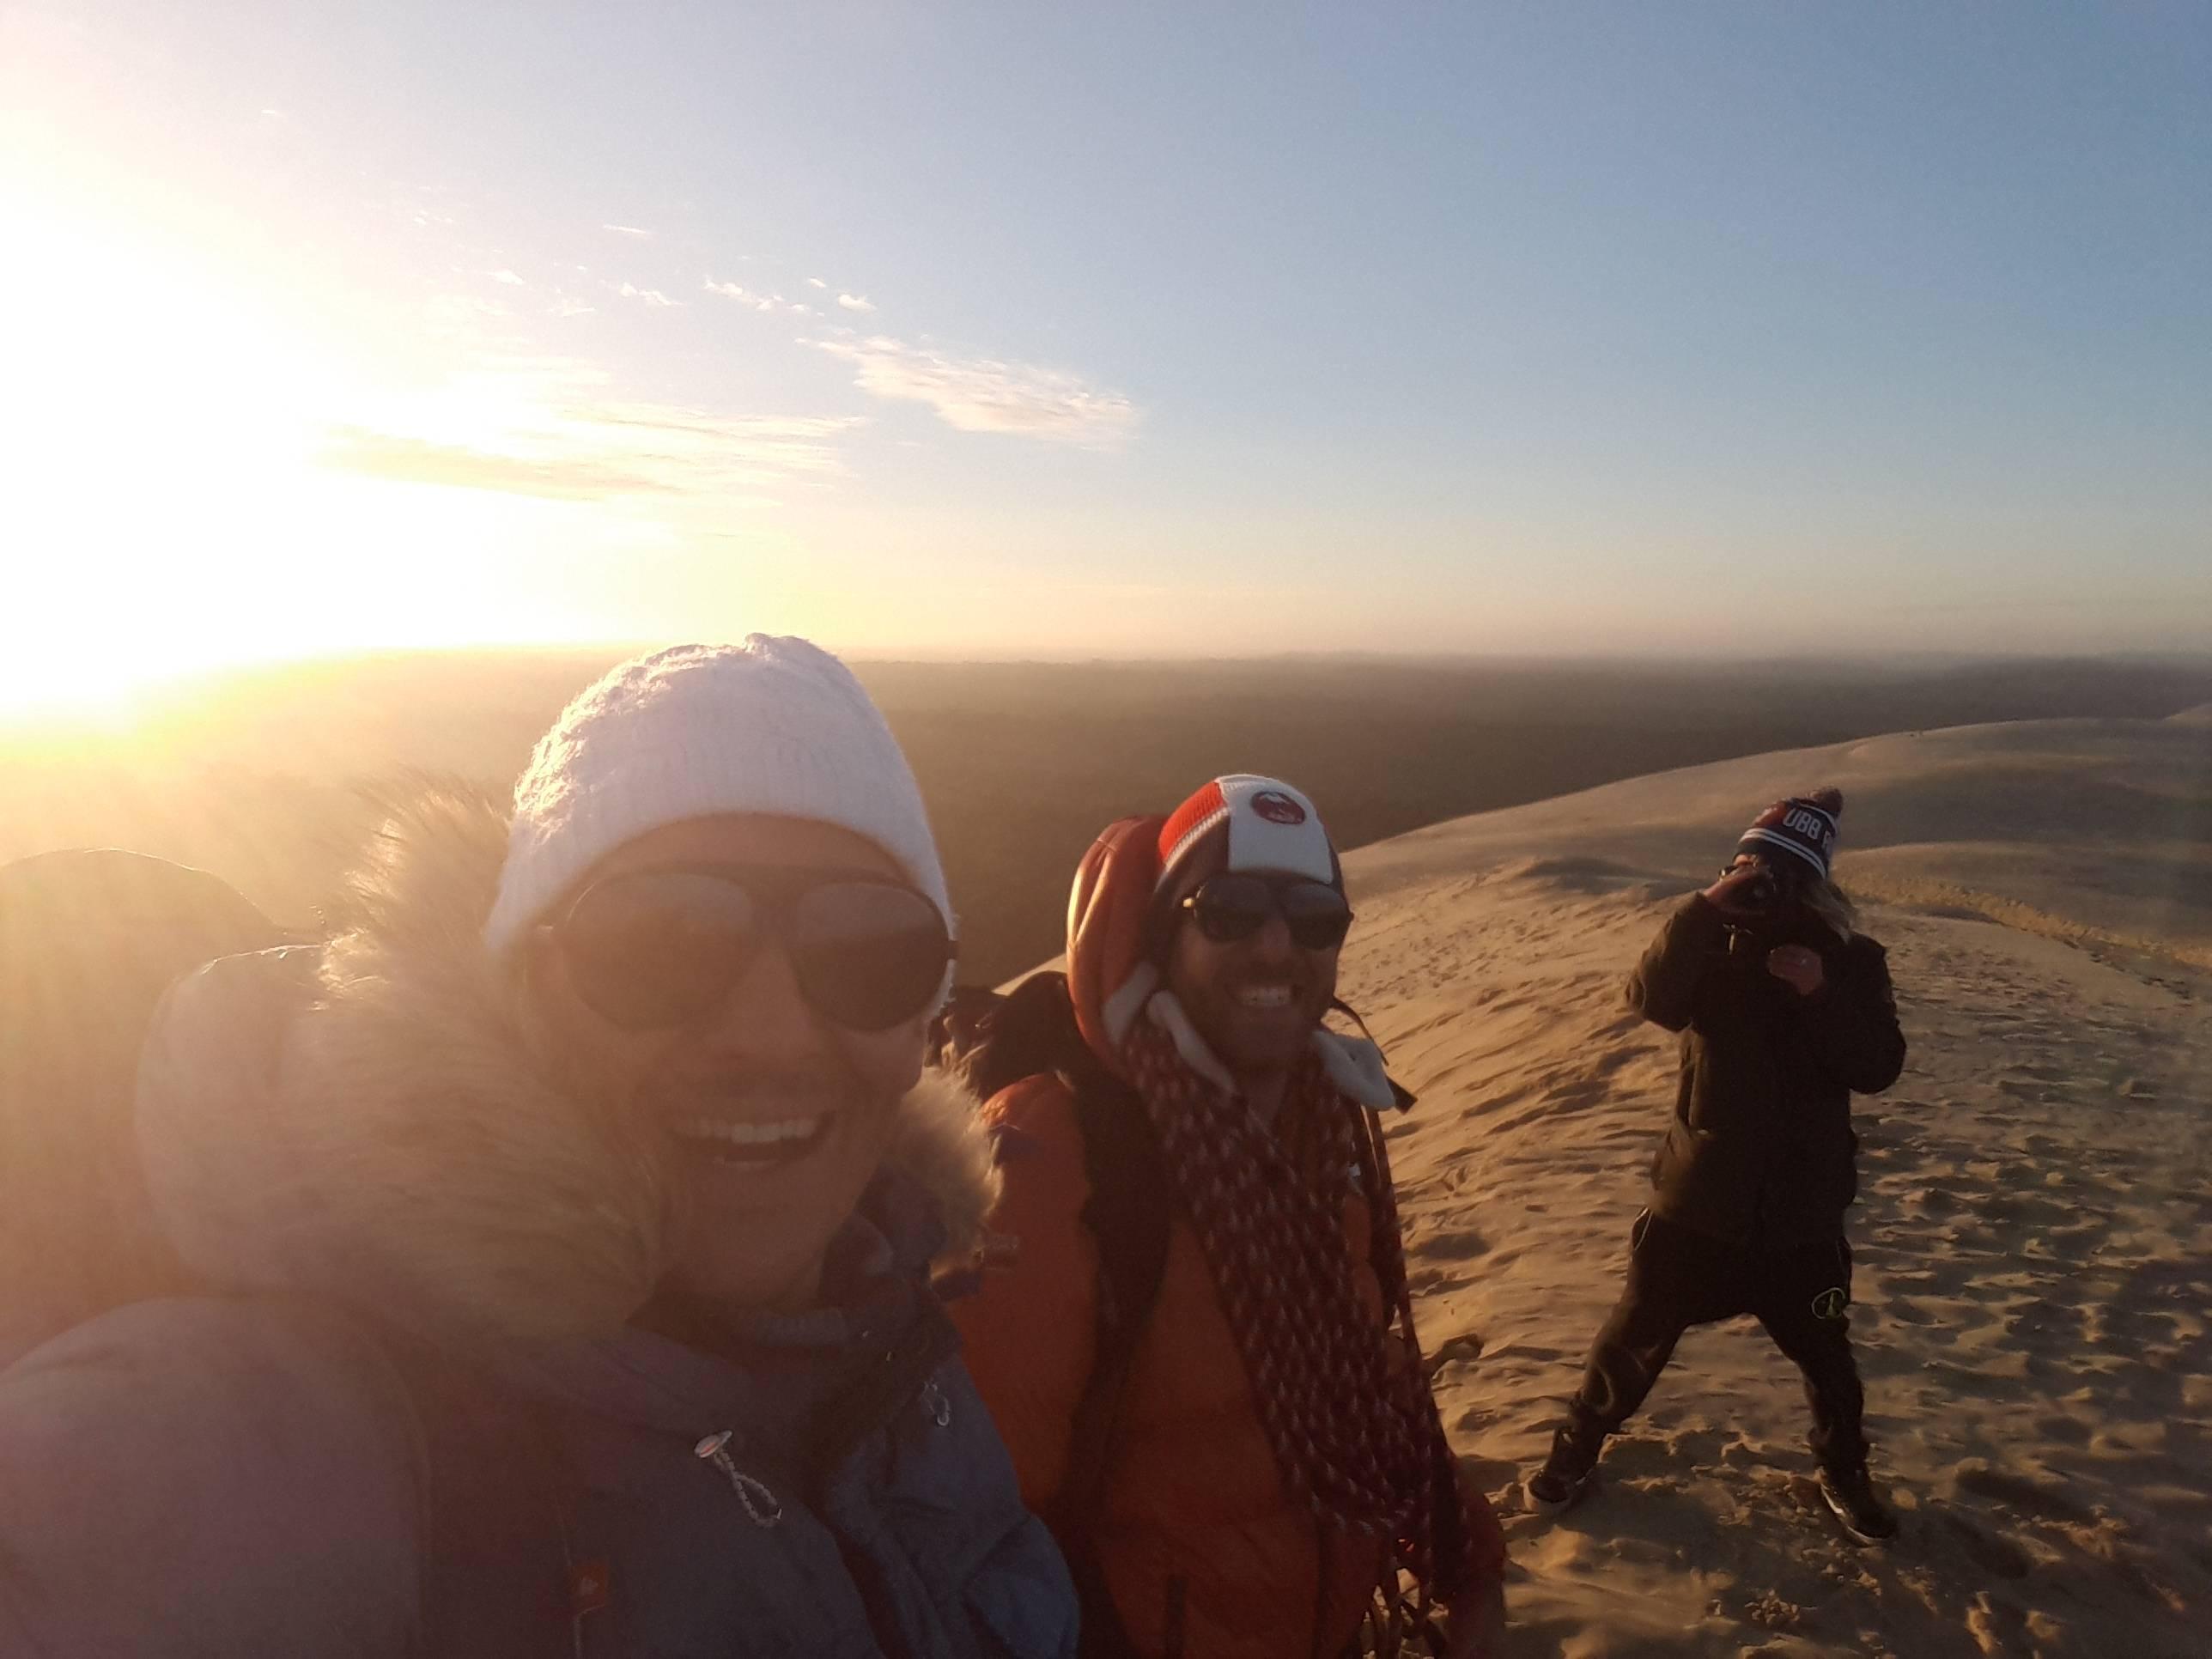 """Photo 1: La dune du pilat... Mais au """"lever du soleil"""""""